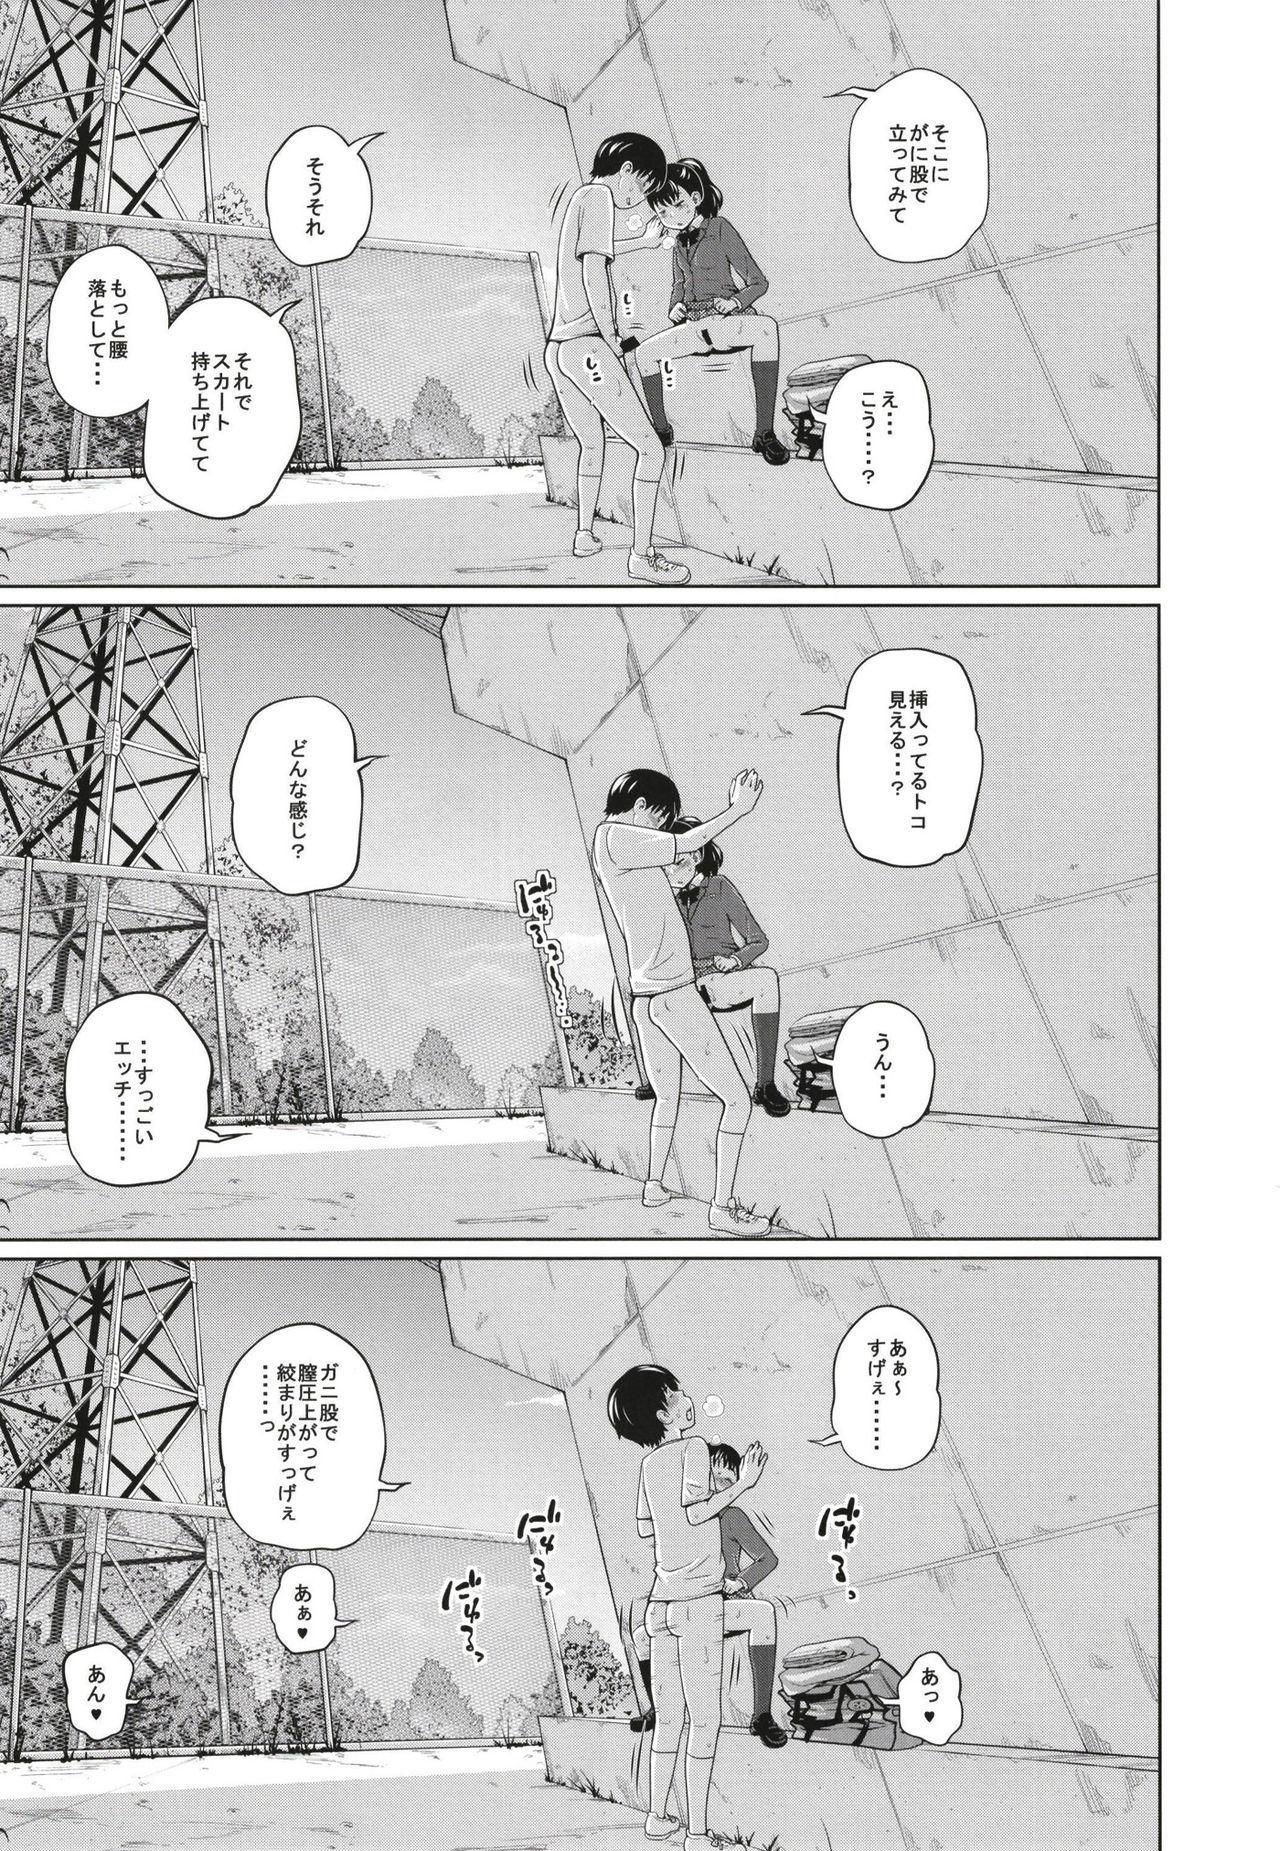 Kono Naka ni Kinshin Soukan Shiteiru Musume ga 3-nin Imasu #3 24